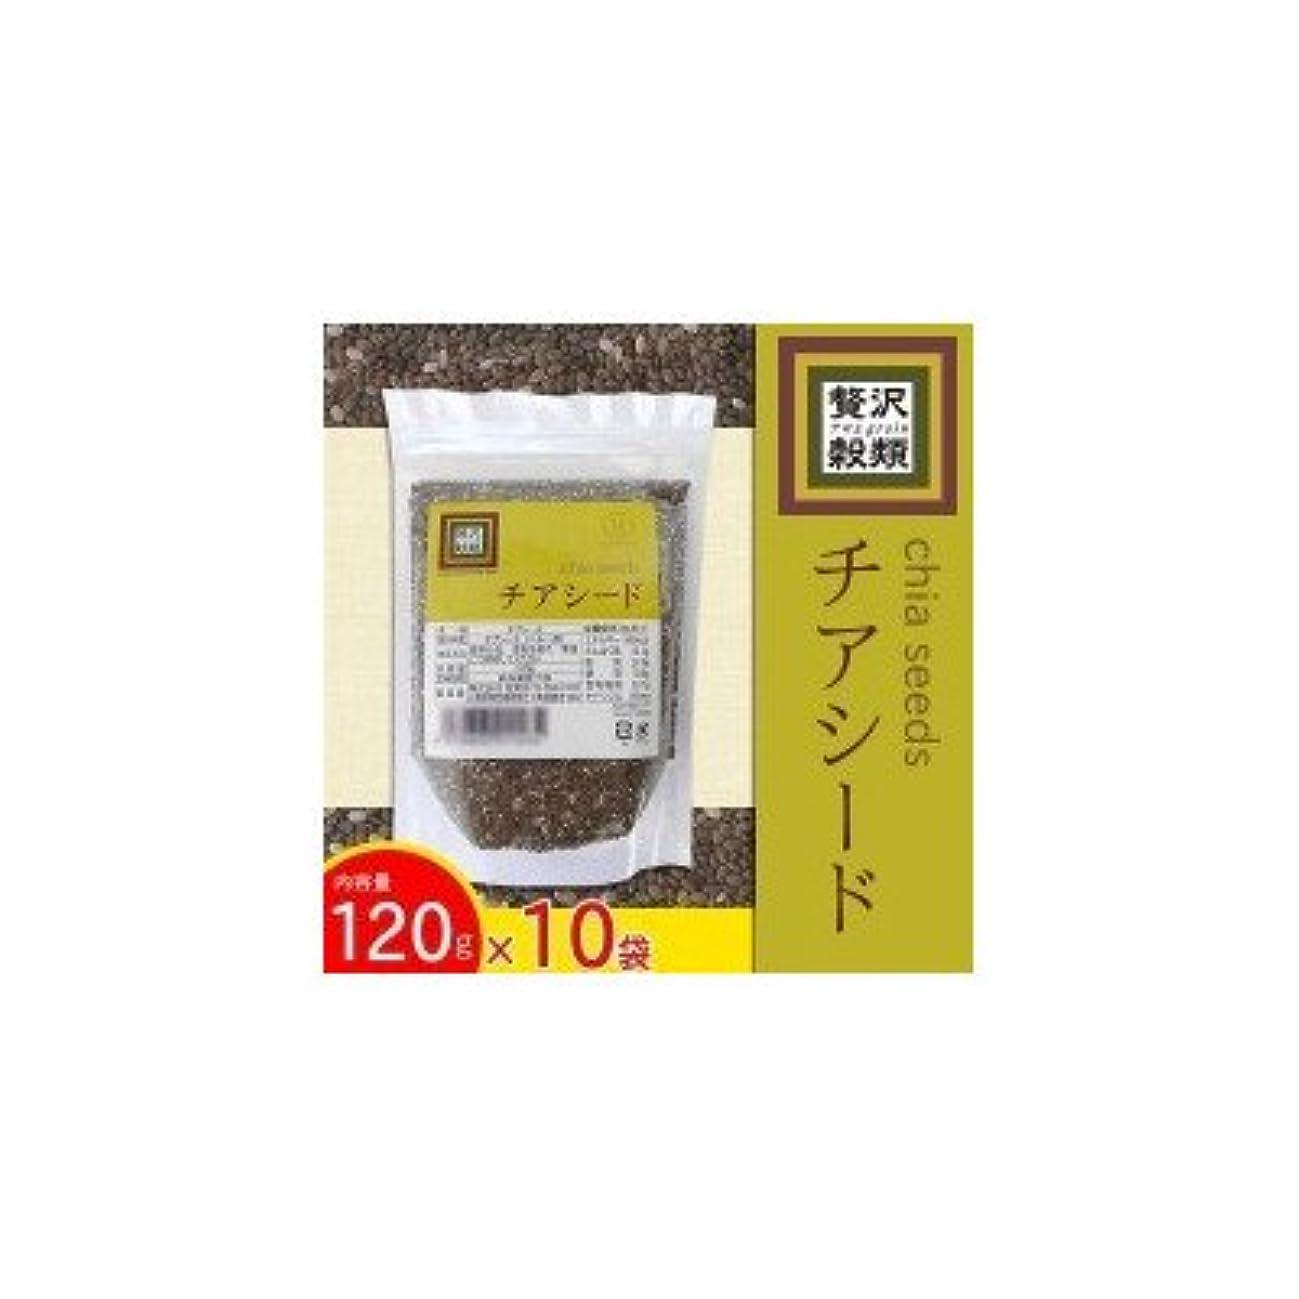 ステッチ掘る窓贅沢穀類 チアシード 120g×10袋